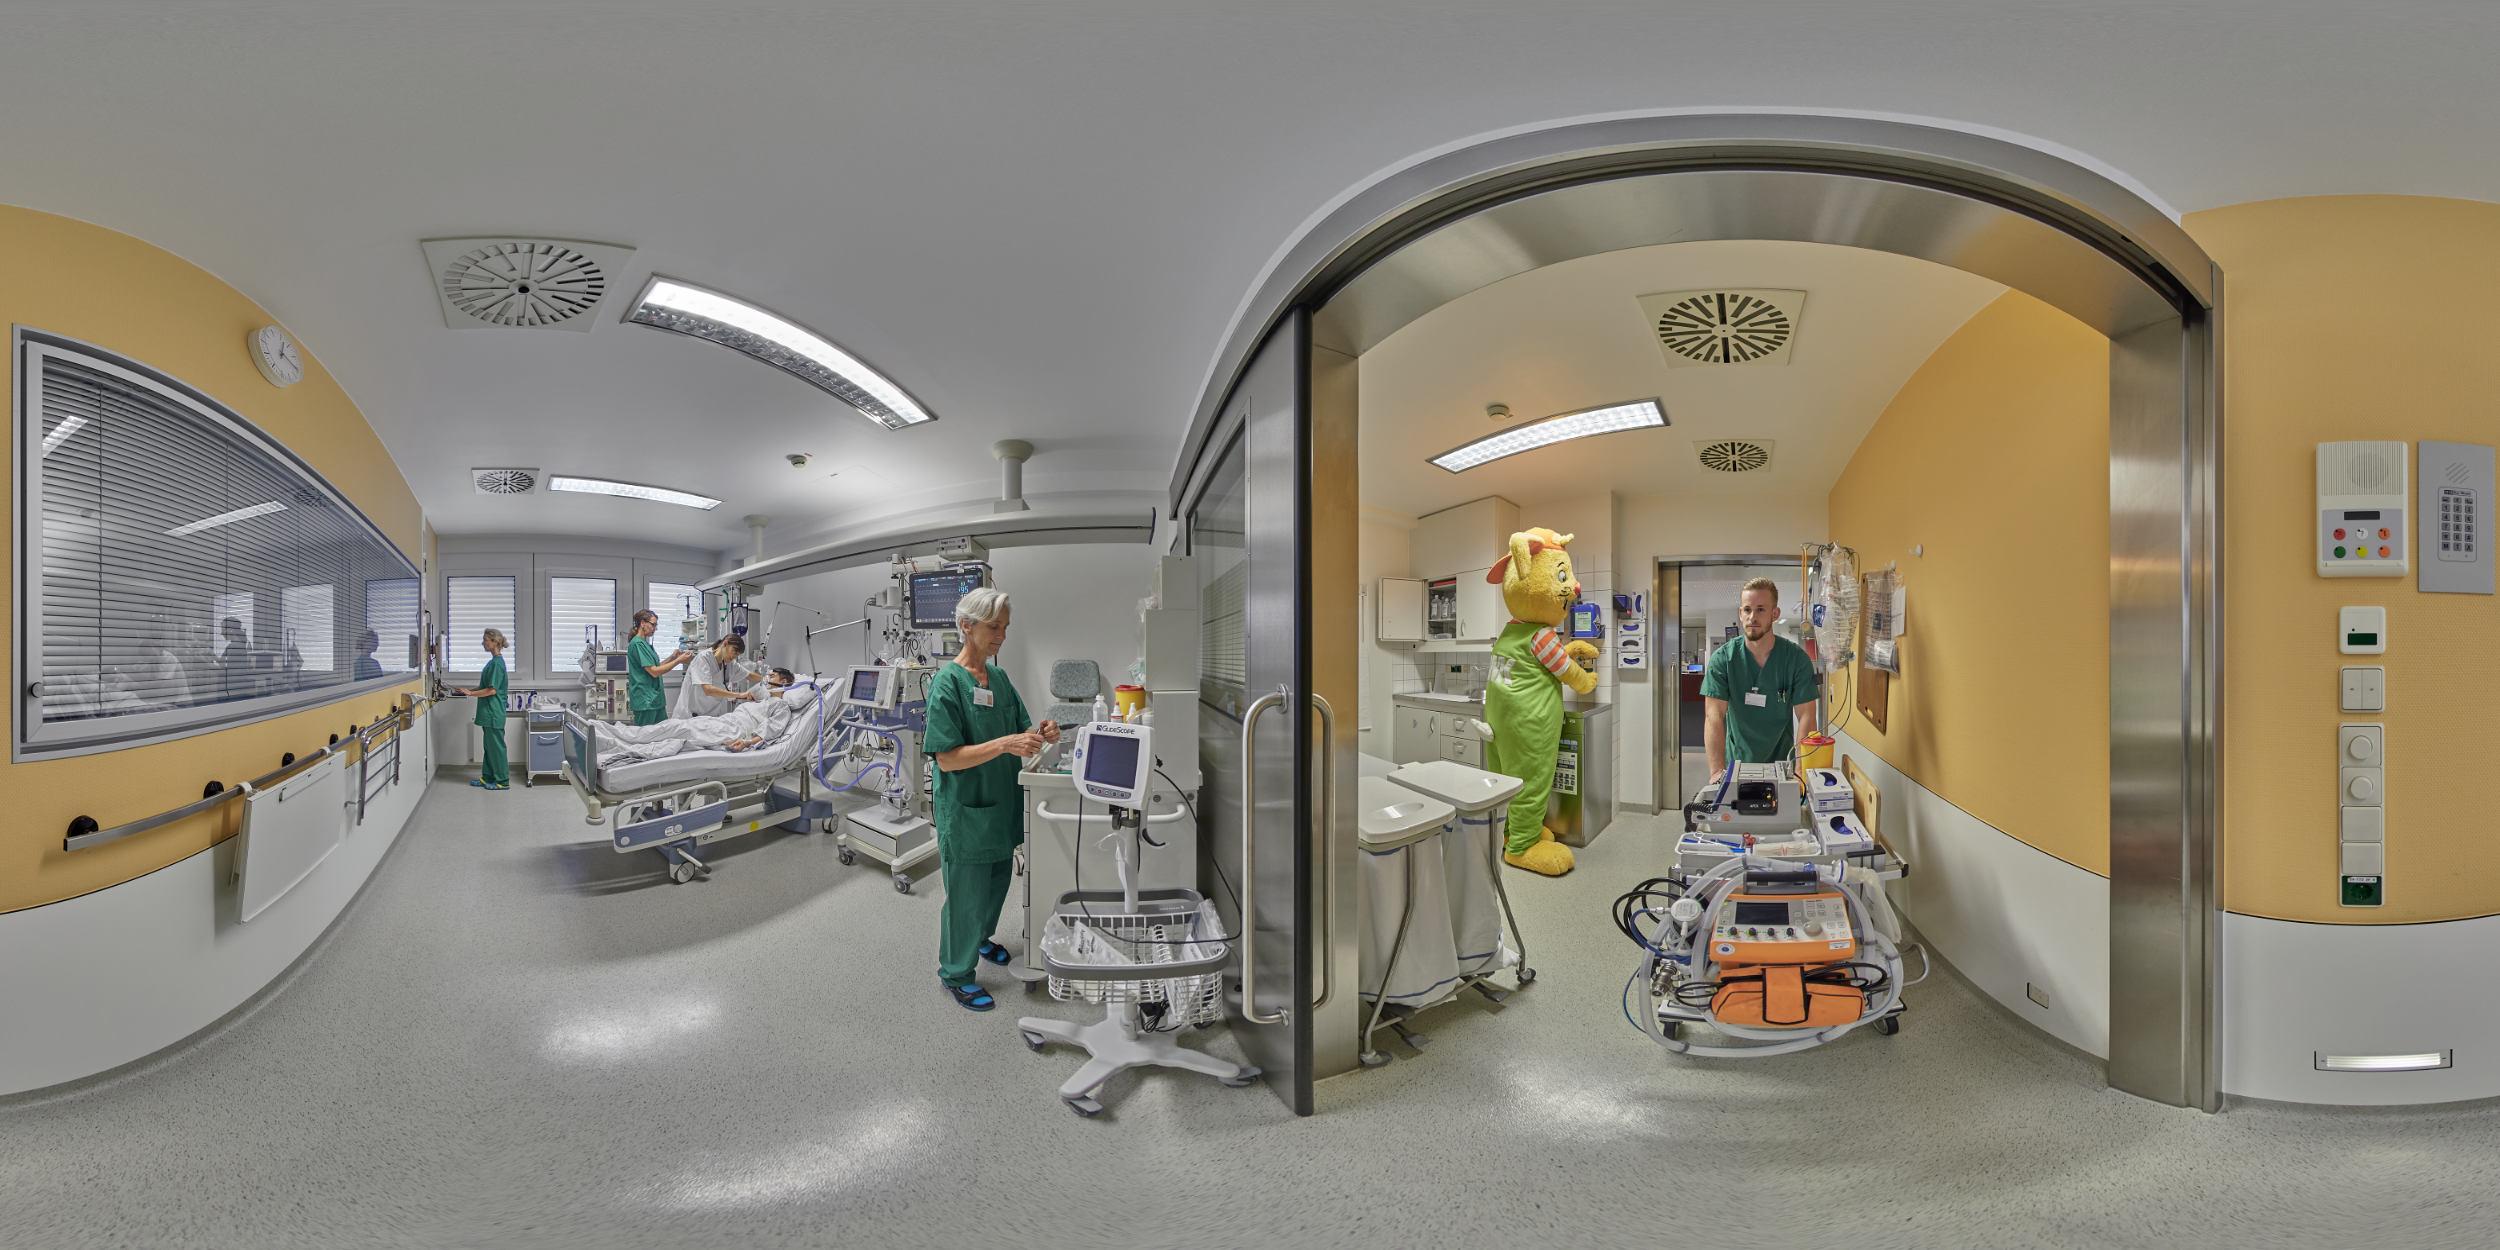 Panoramafotografie Virtuelle Touren 360Grad Fotografie Stuttgart und Umgebung Panorama 360°x180° Sphäre Virtuelle Tour durch das Rems-Murr Klinikum Winnenden und Schorndorf